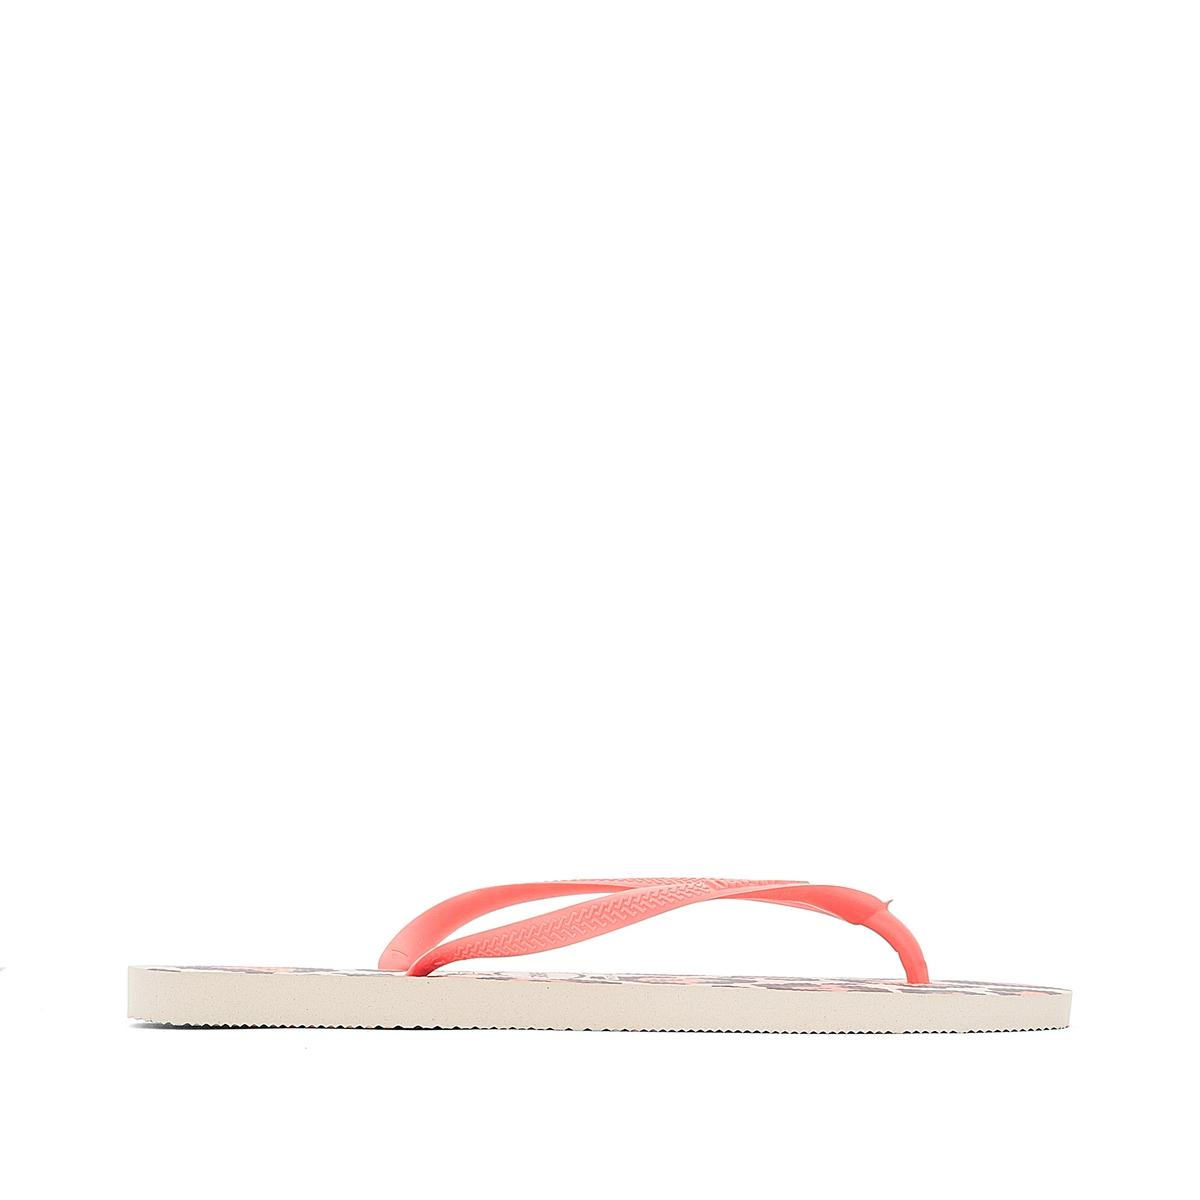 Вьетнамки Slim AnimalsВерх : каучук   Стелька : каучук   Подошва : каучук   Форма каблука : плоский каблук   Мысок : открытый мысок   Застежка : без застежки<br><br>Цвет: леопардовый рисунок